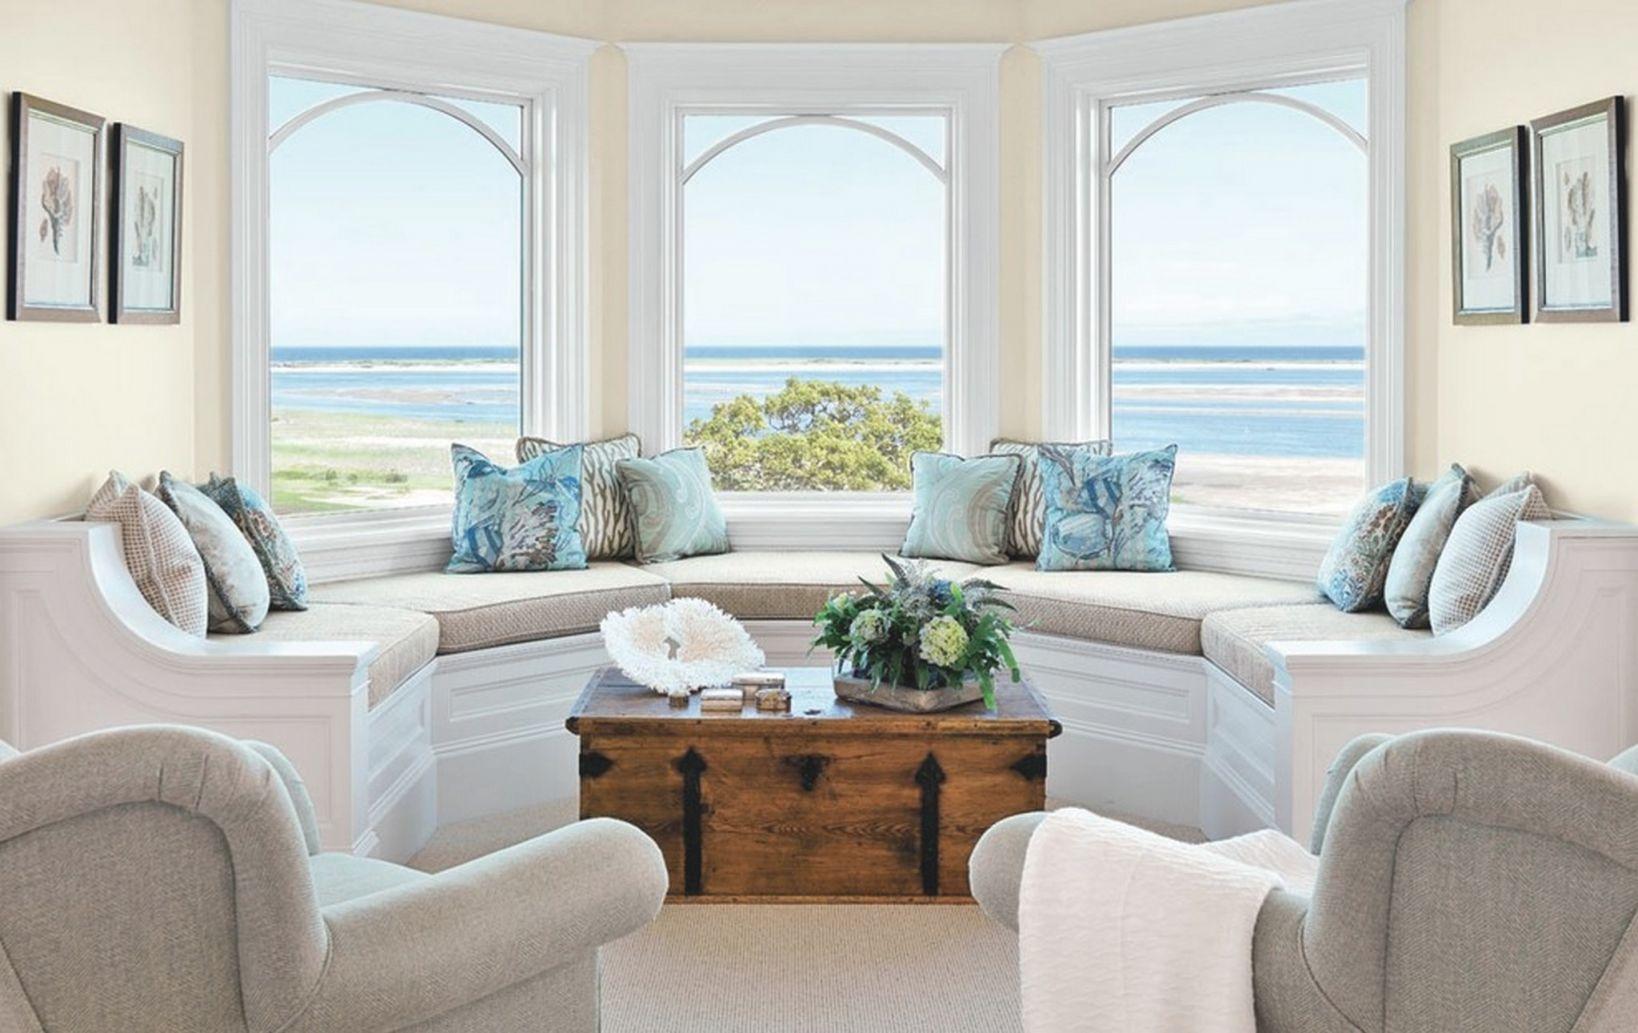 Beach Themed Room Decor – Icmt Set : Beach Theme Decor For within Fresh Beach Theme Bedroom Decorating Ideas